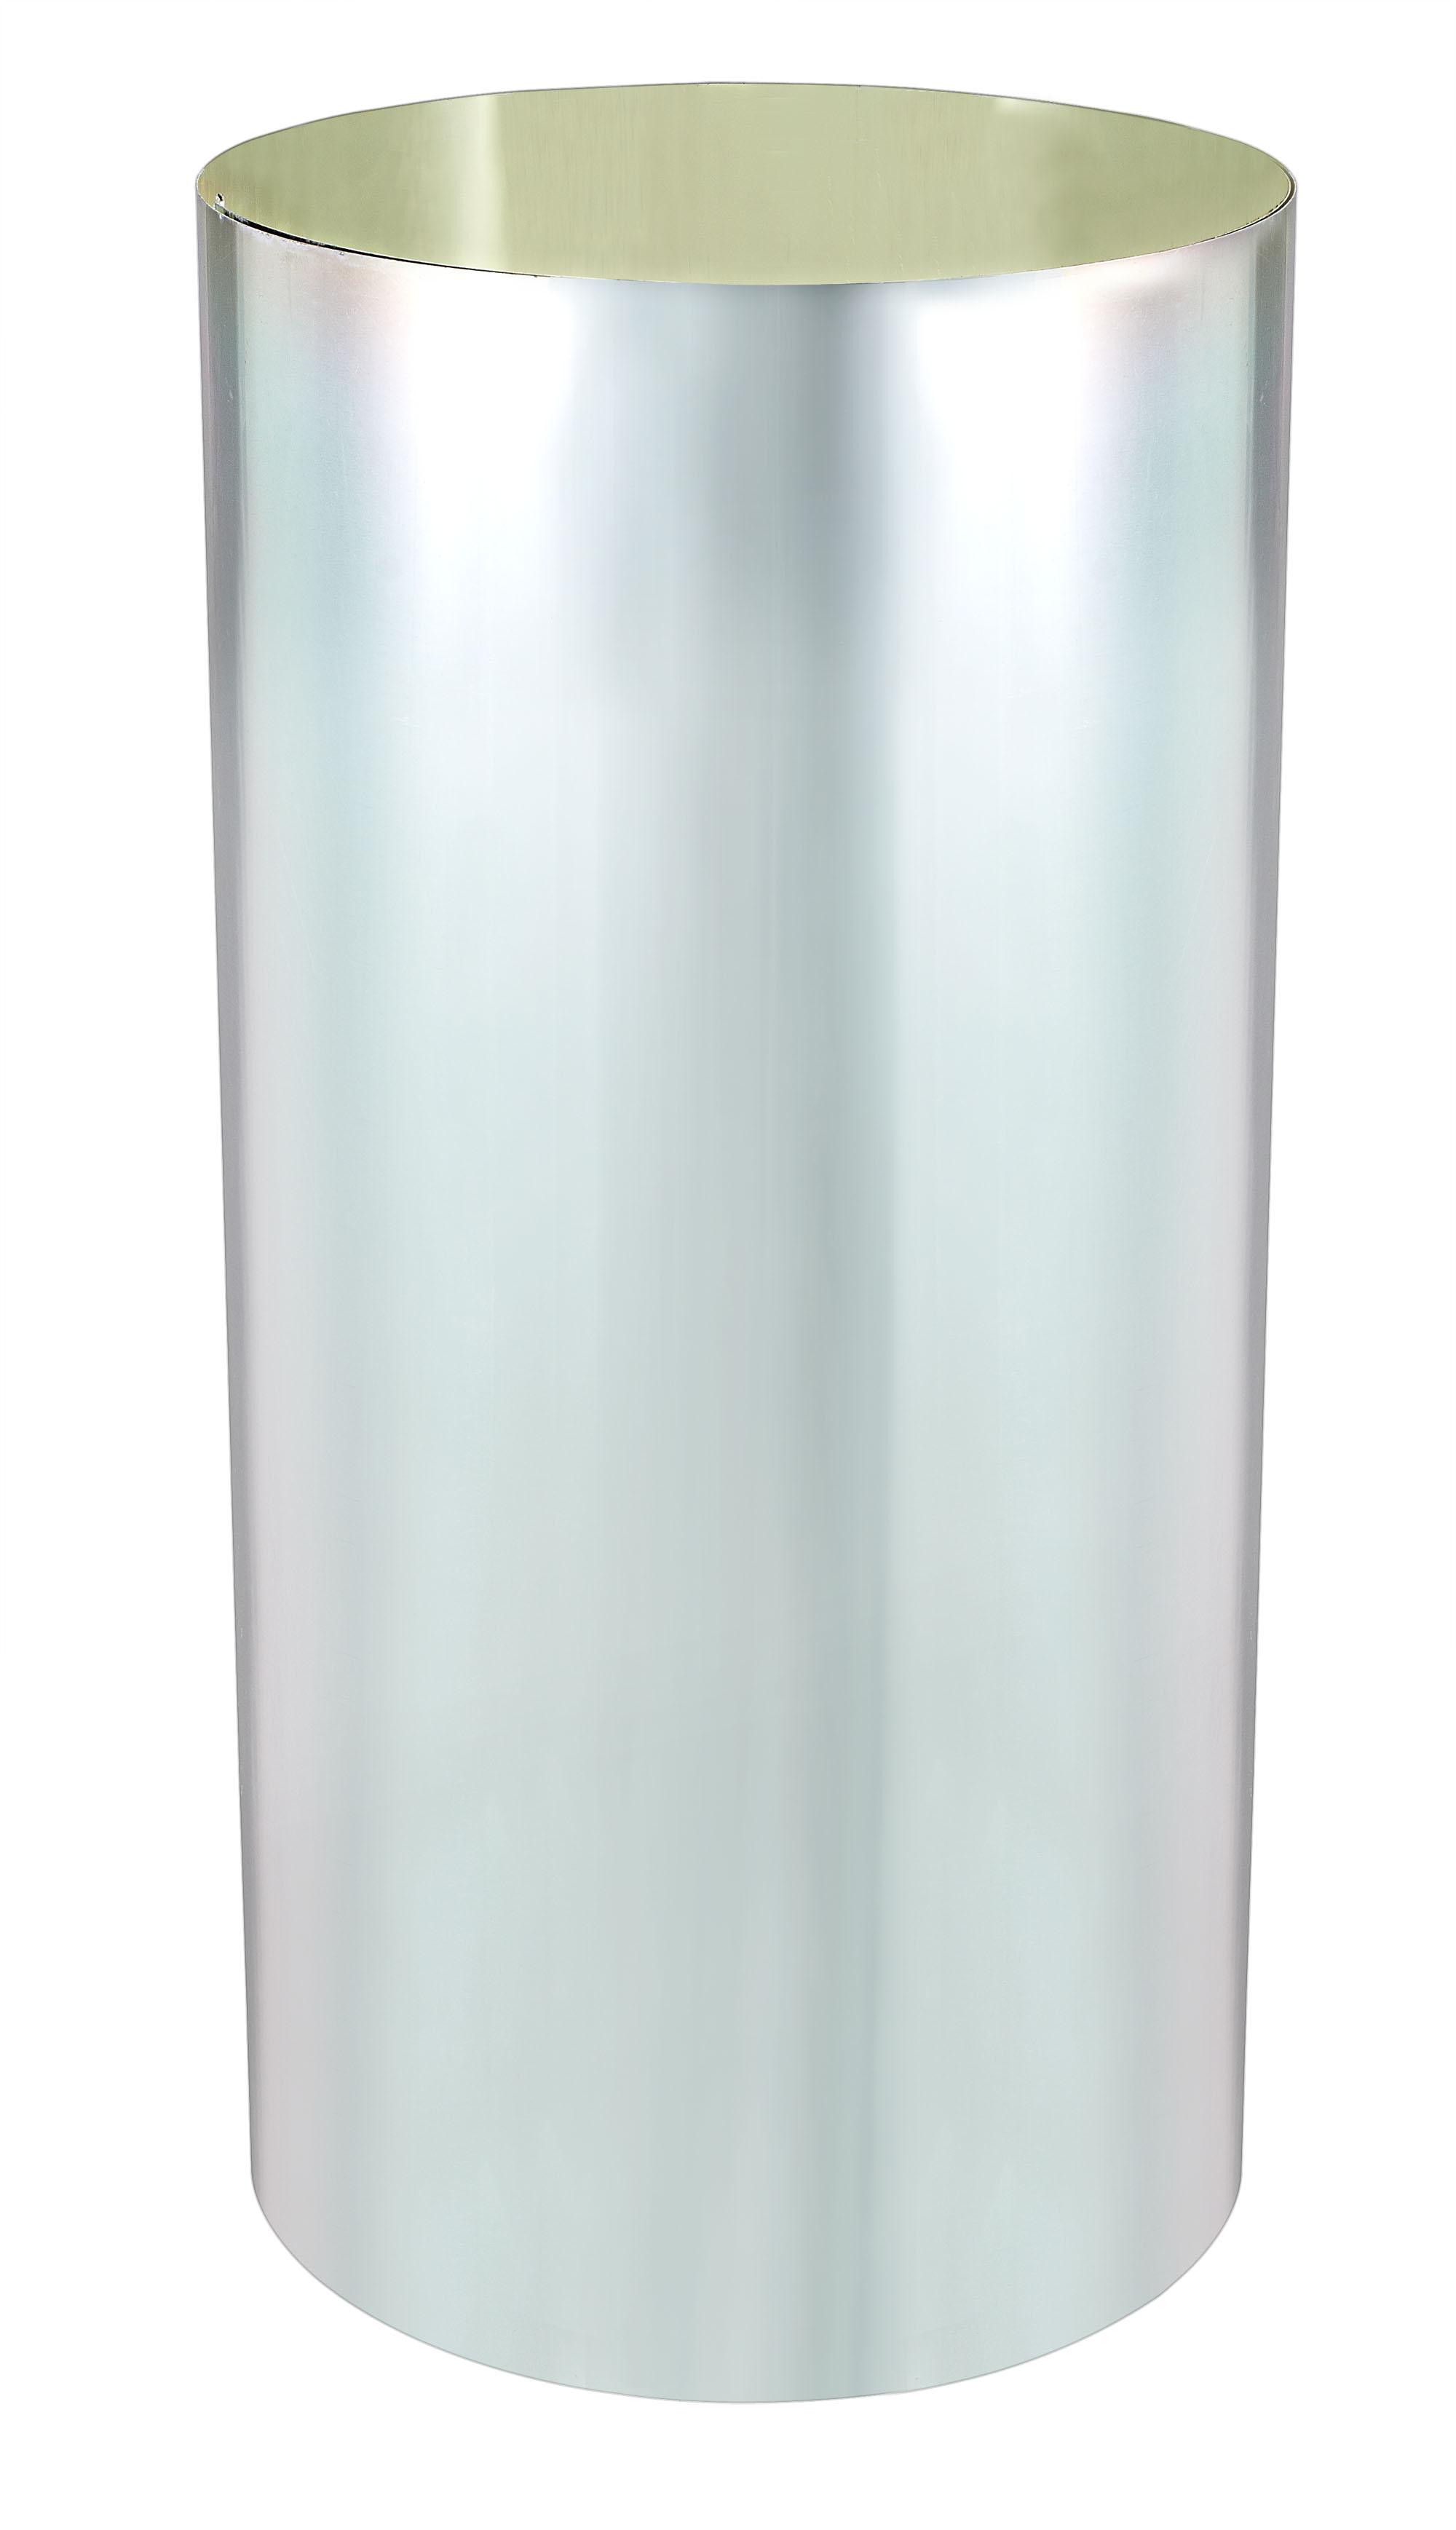 导光管-无电照明系统